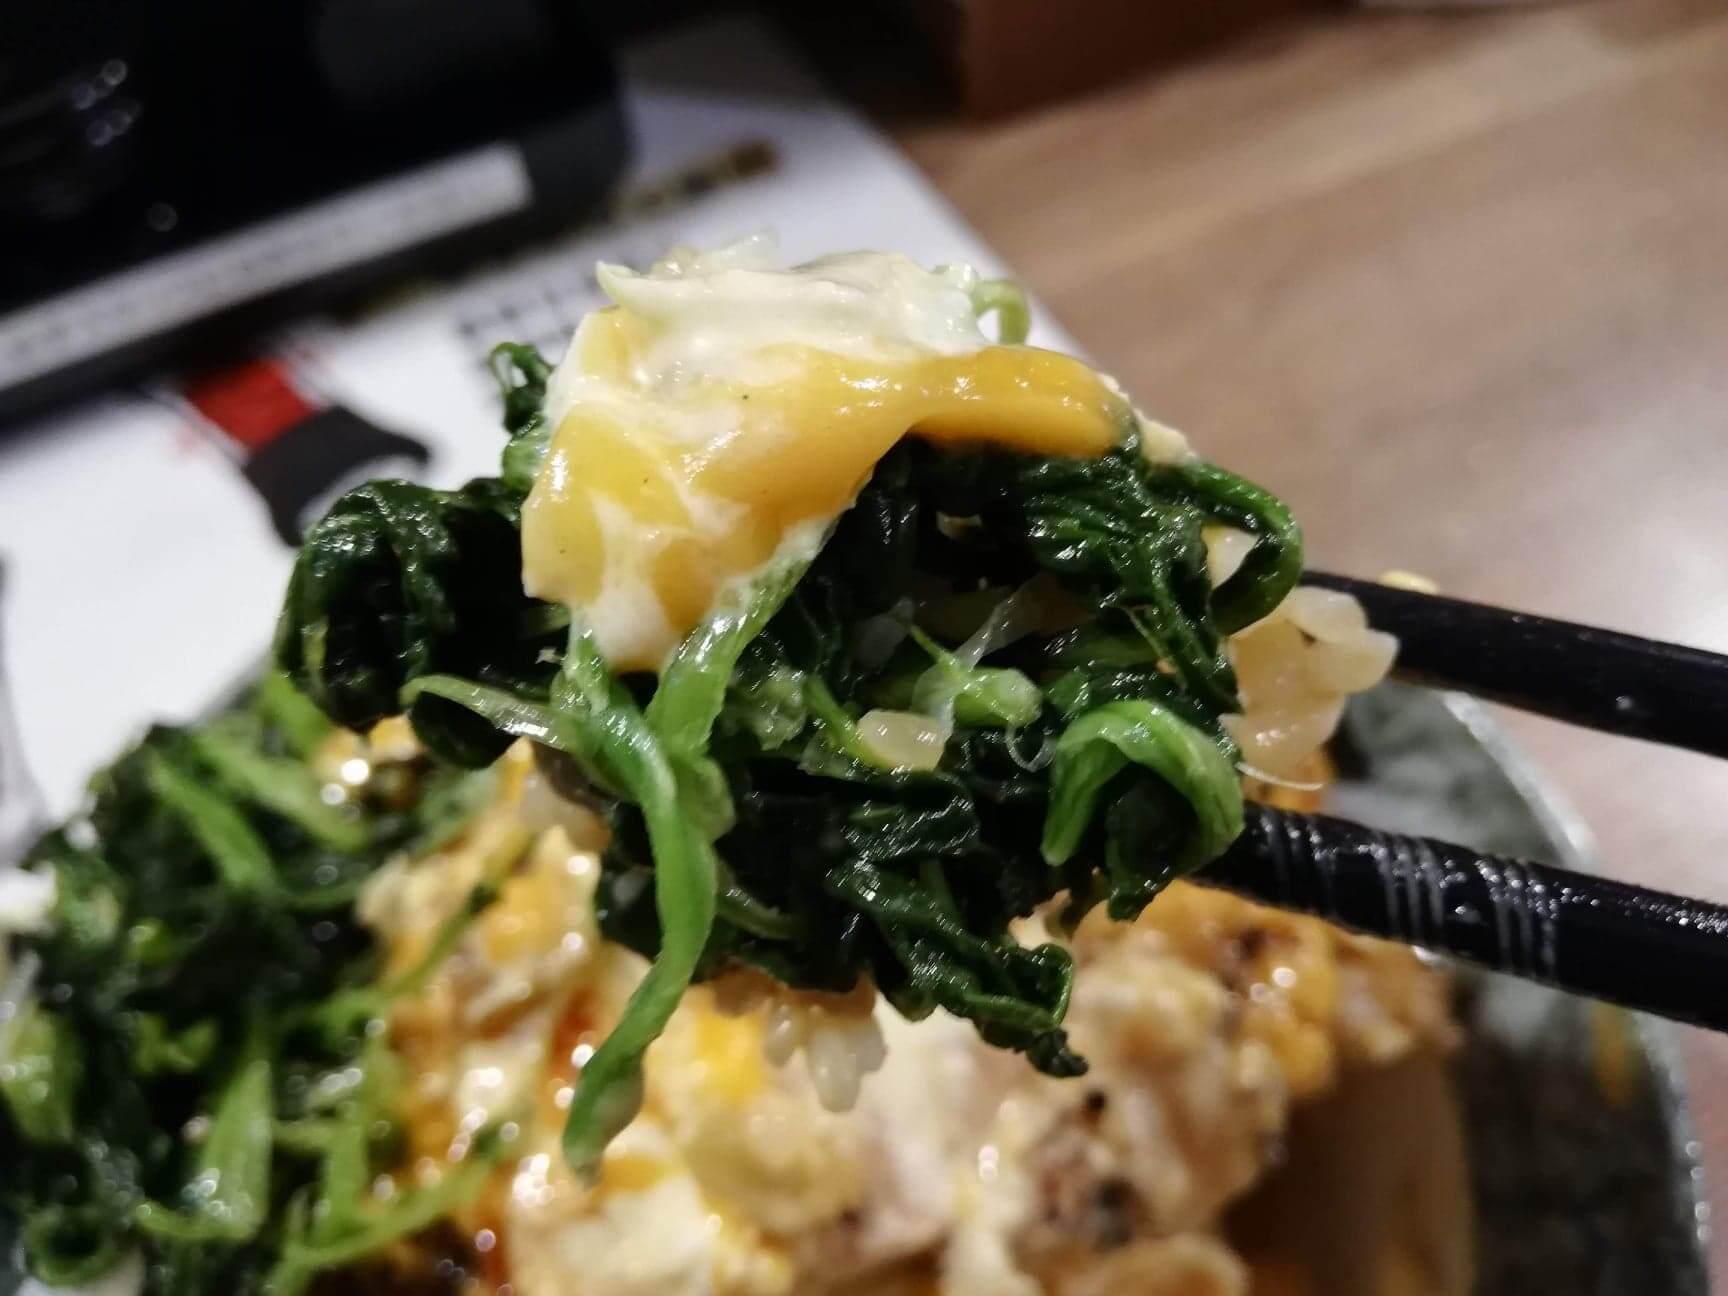 高田馬場(早稲田駅周辺)『どんぴしゃり』の炭焼鶏タル丼のほうれん草の写真